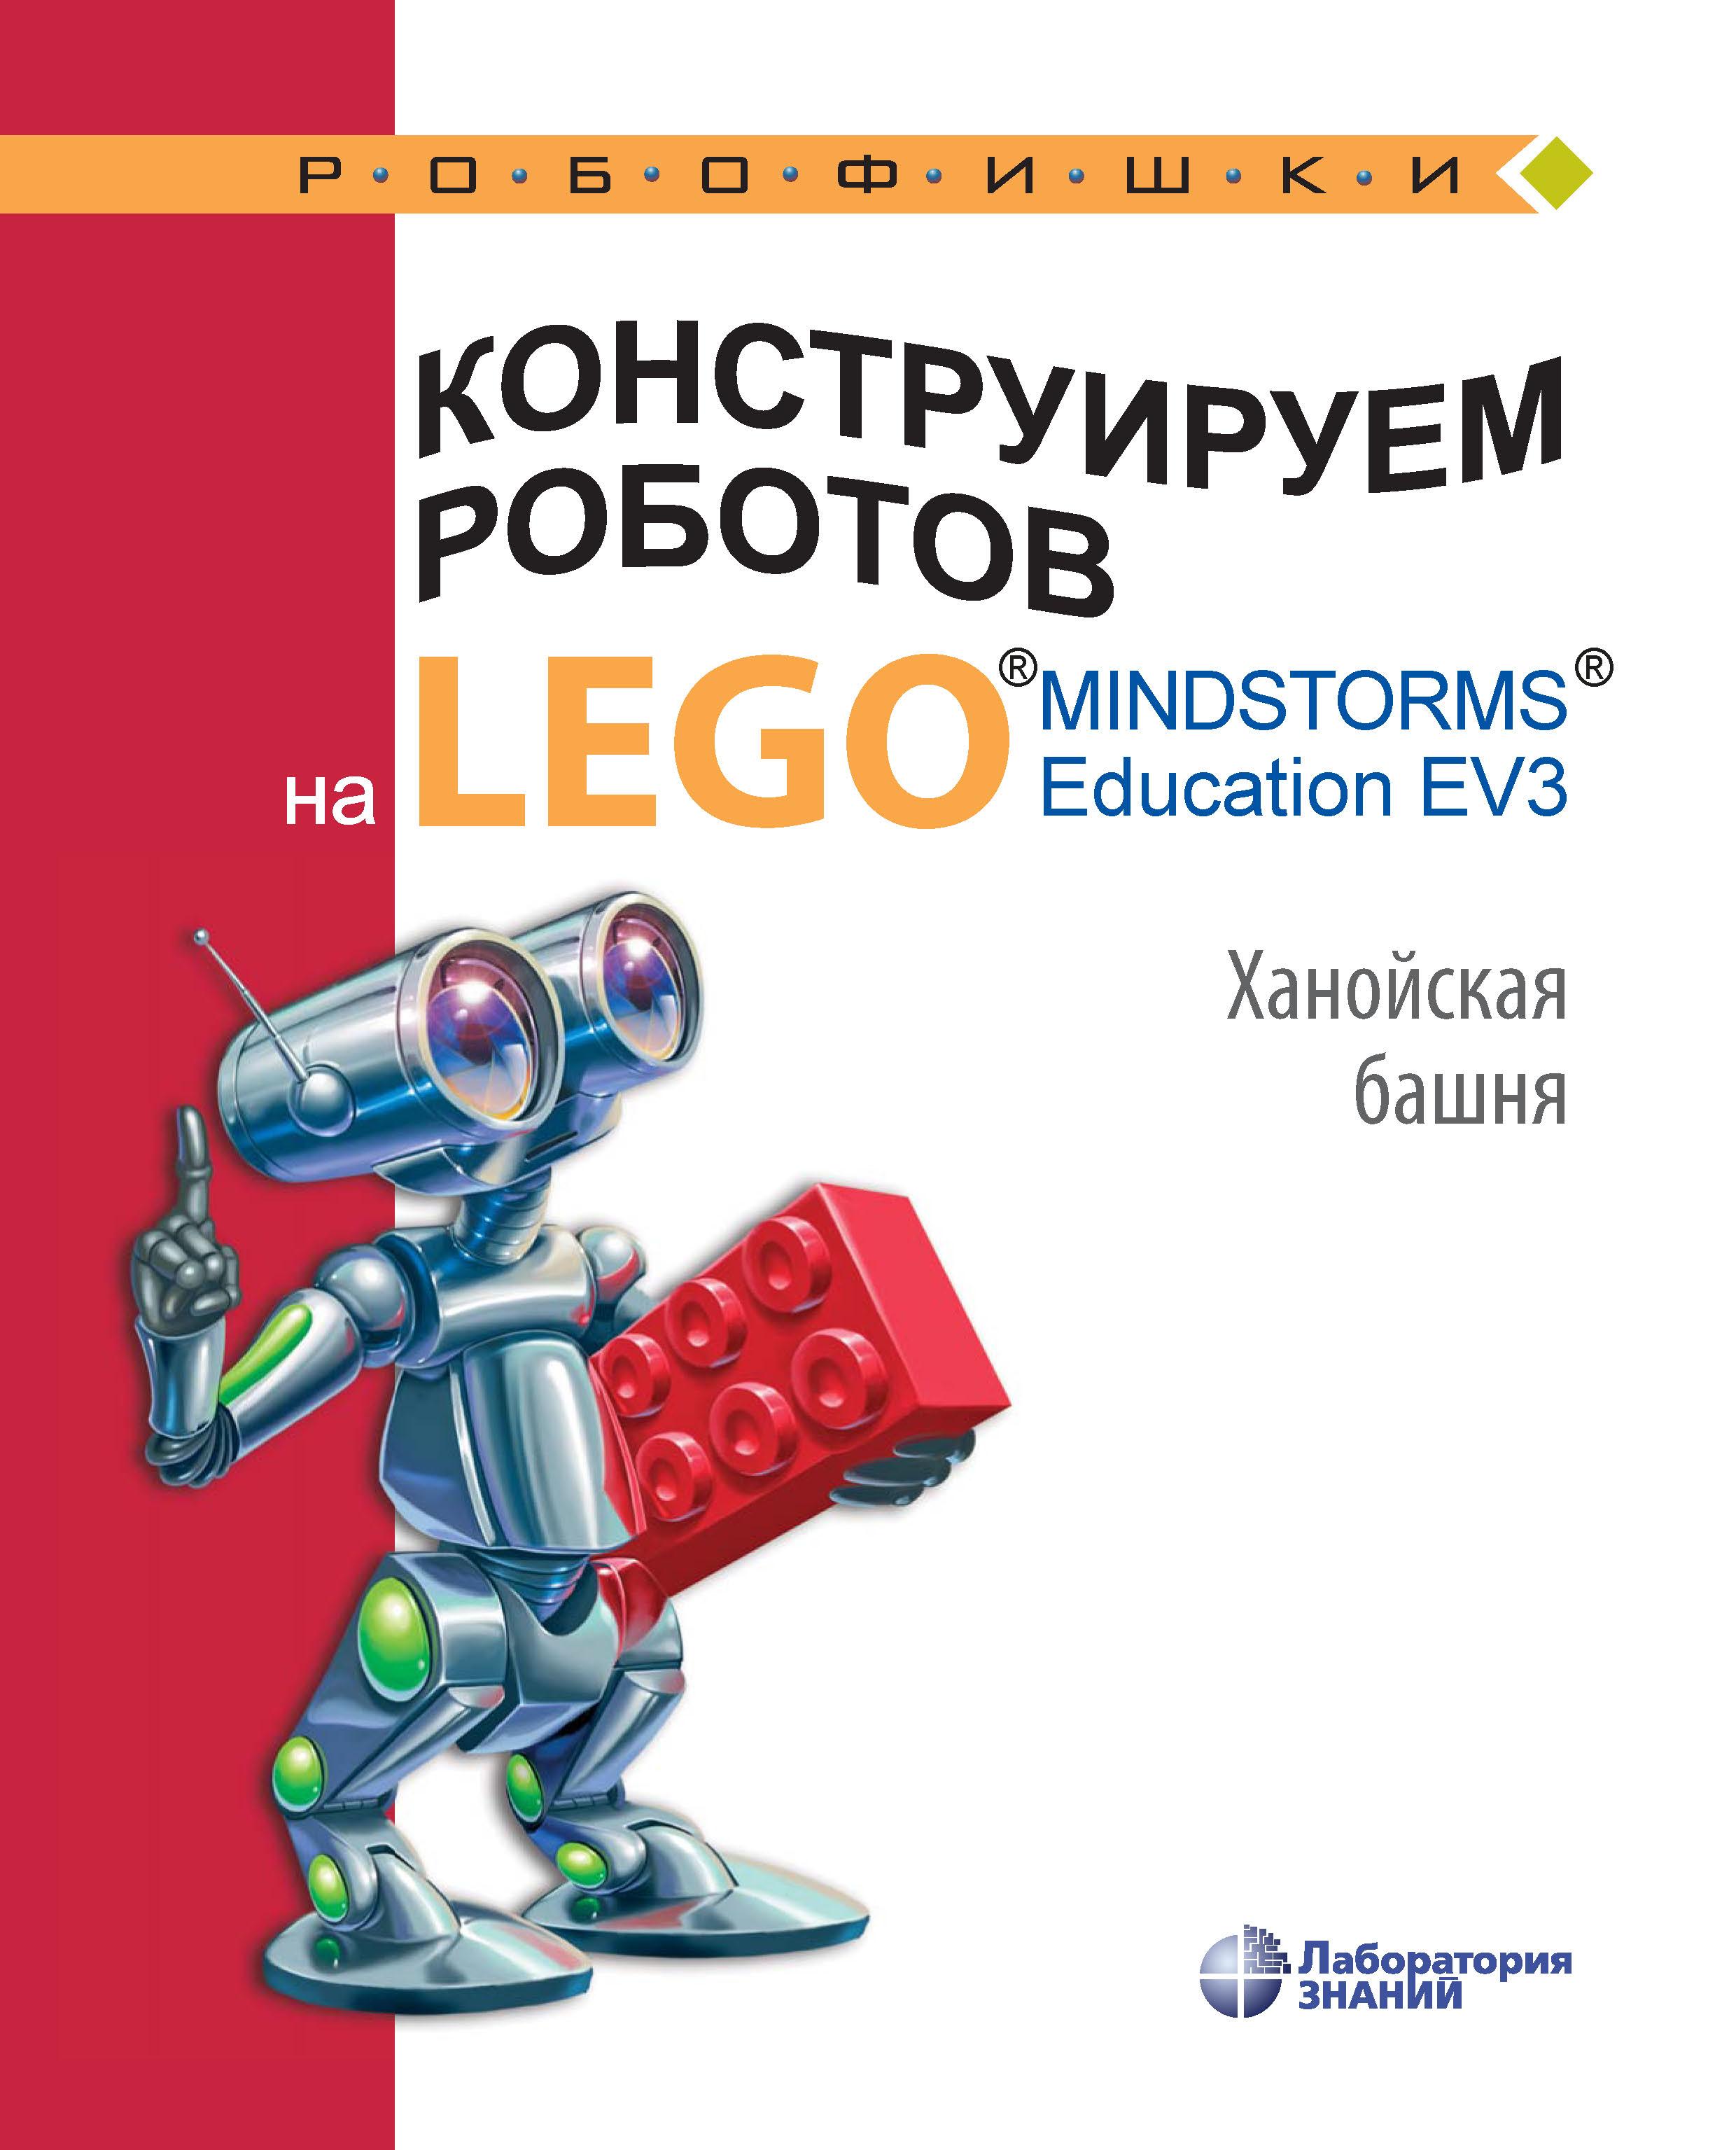 В. В. Тарапата Конструируем роботов на LEGO MINDSTORMS Education EV3. Ханойская башня а а валуев конструируем роботов на lego mindstorms education ev3 который час